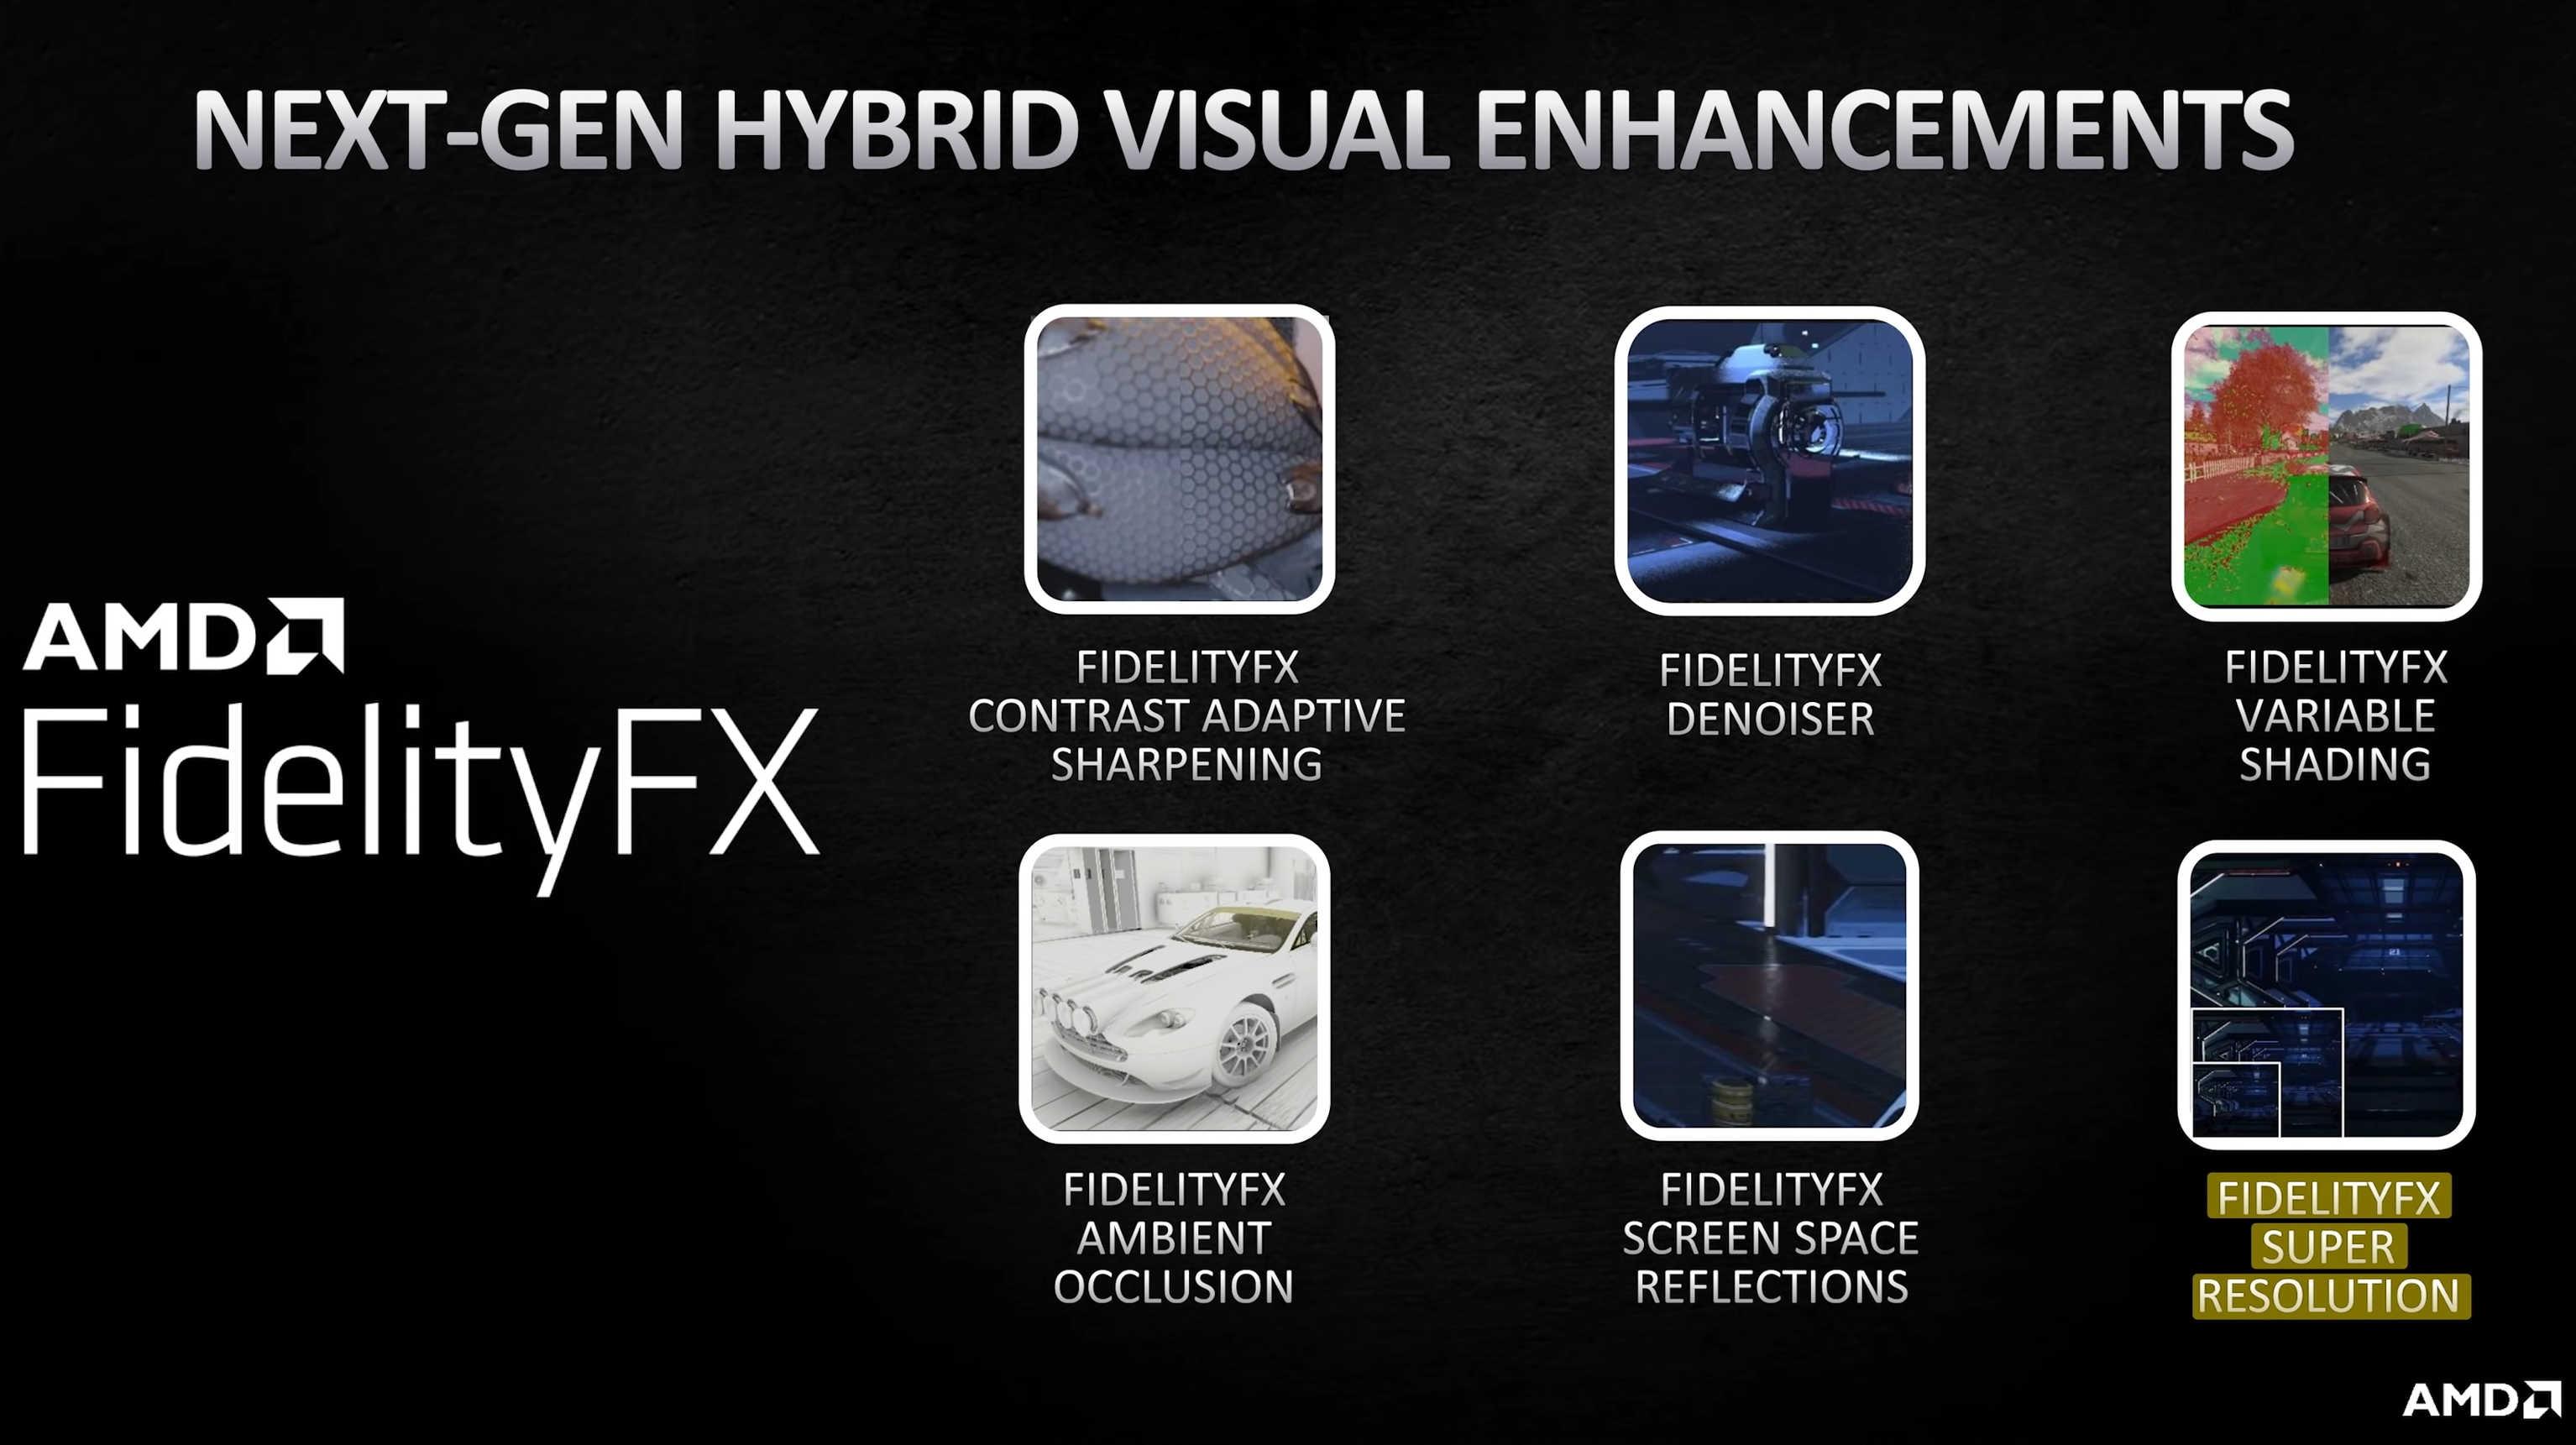 AMD FidelityFX Super Resolution будет запущена одновременно для карт Radeon и игровых консолей